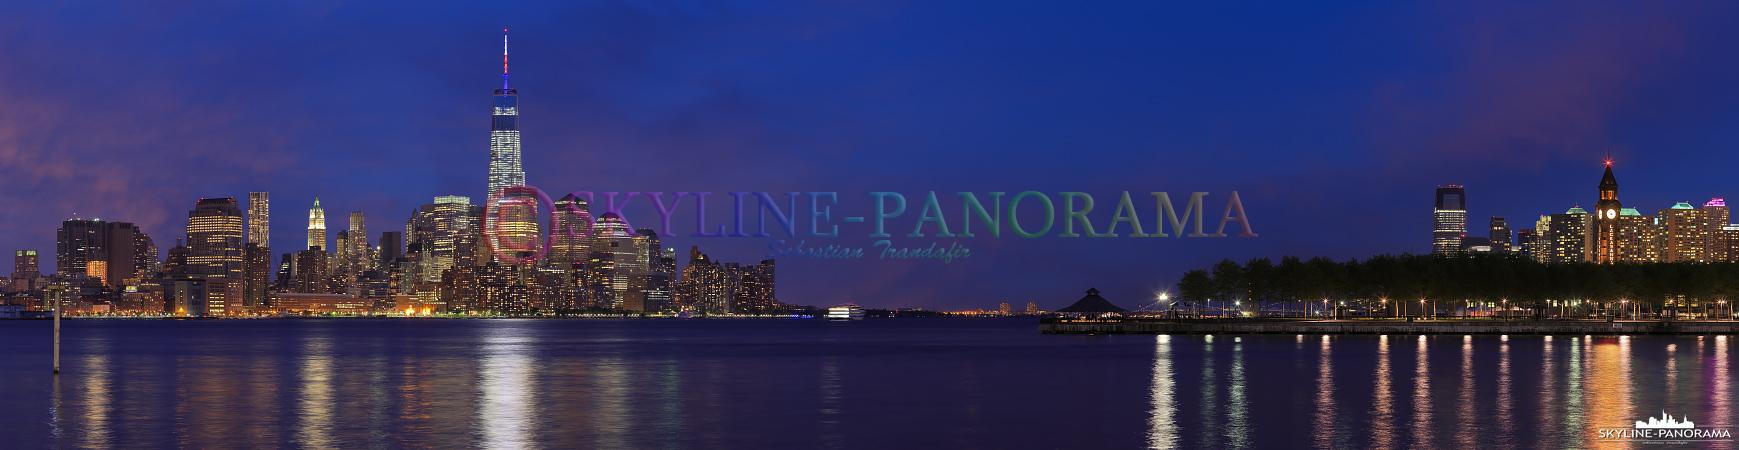 Skyline Panorama - New York City